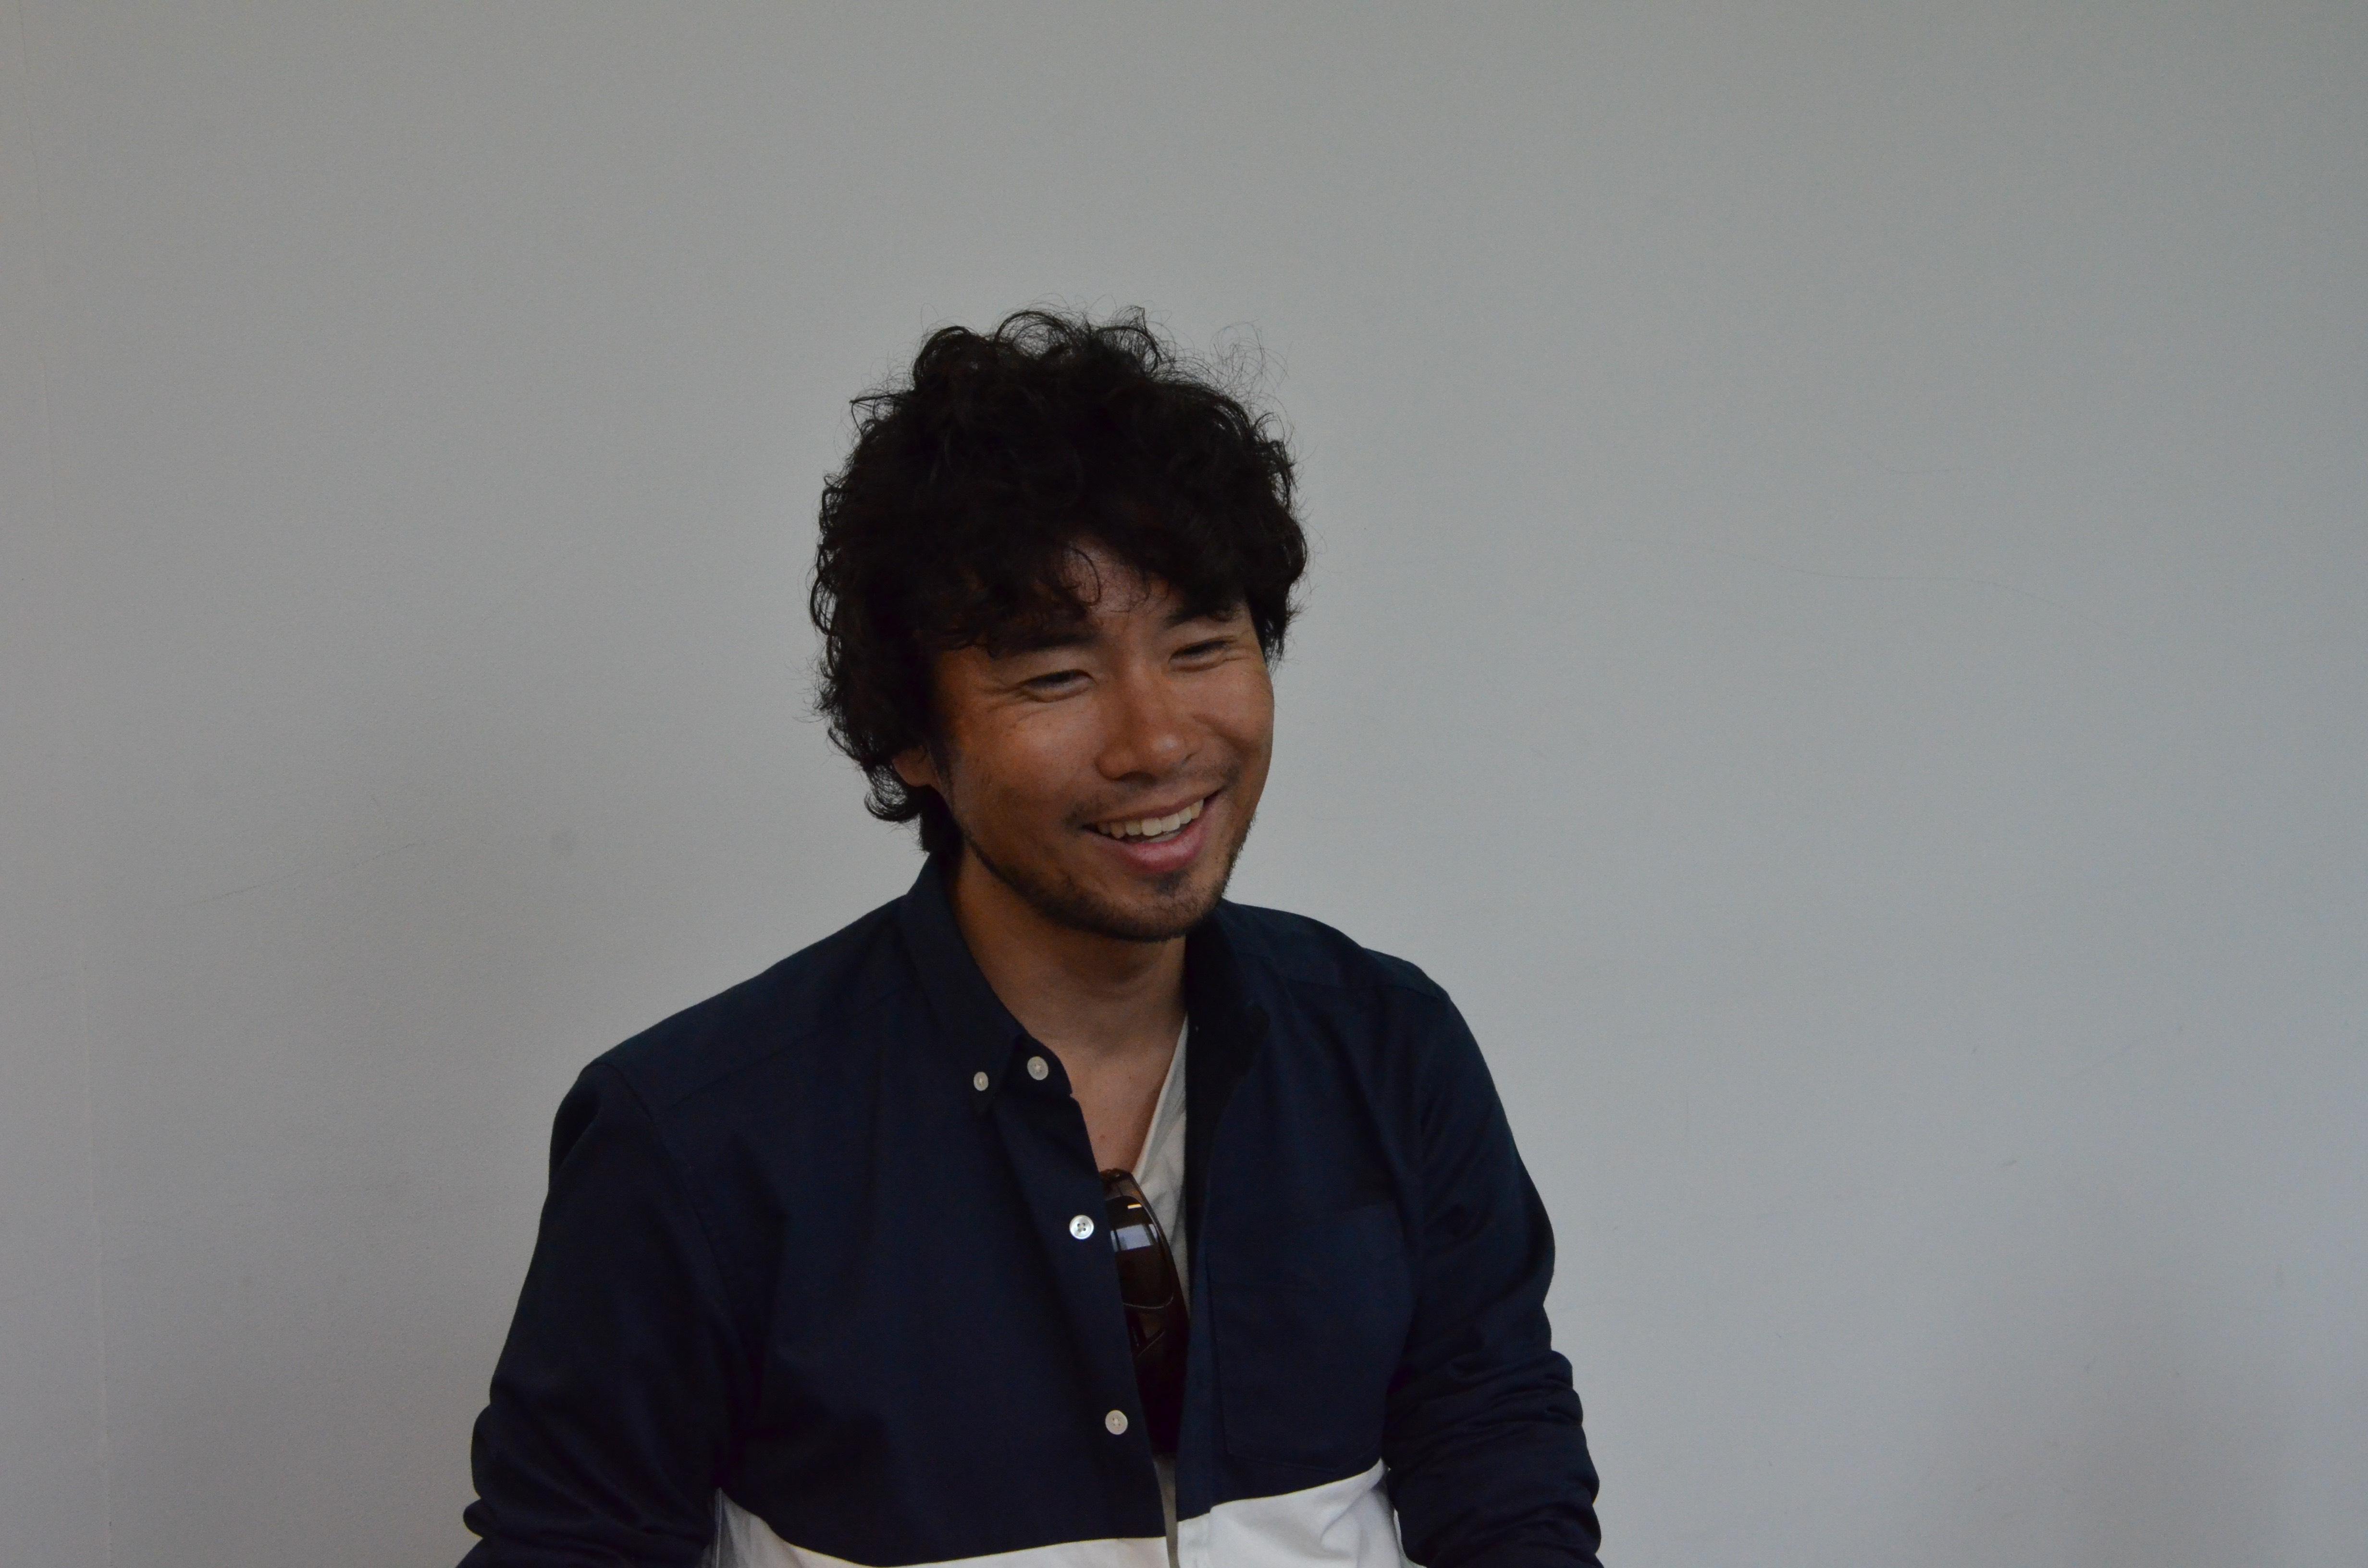 【独占インタビュー】フリーダイバー篠宮龍三